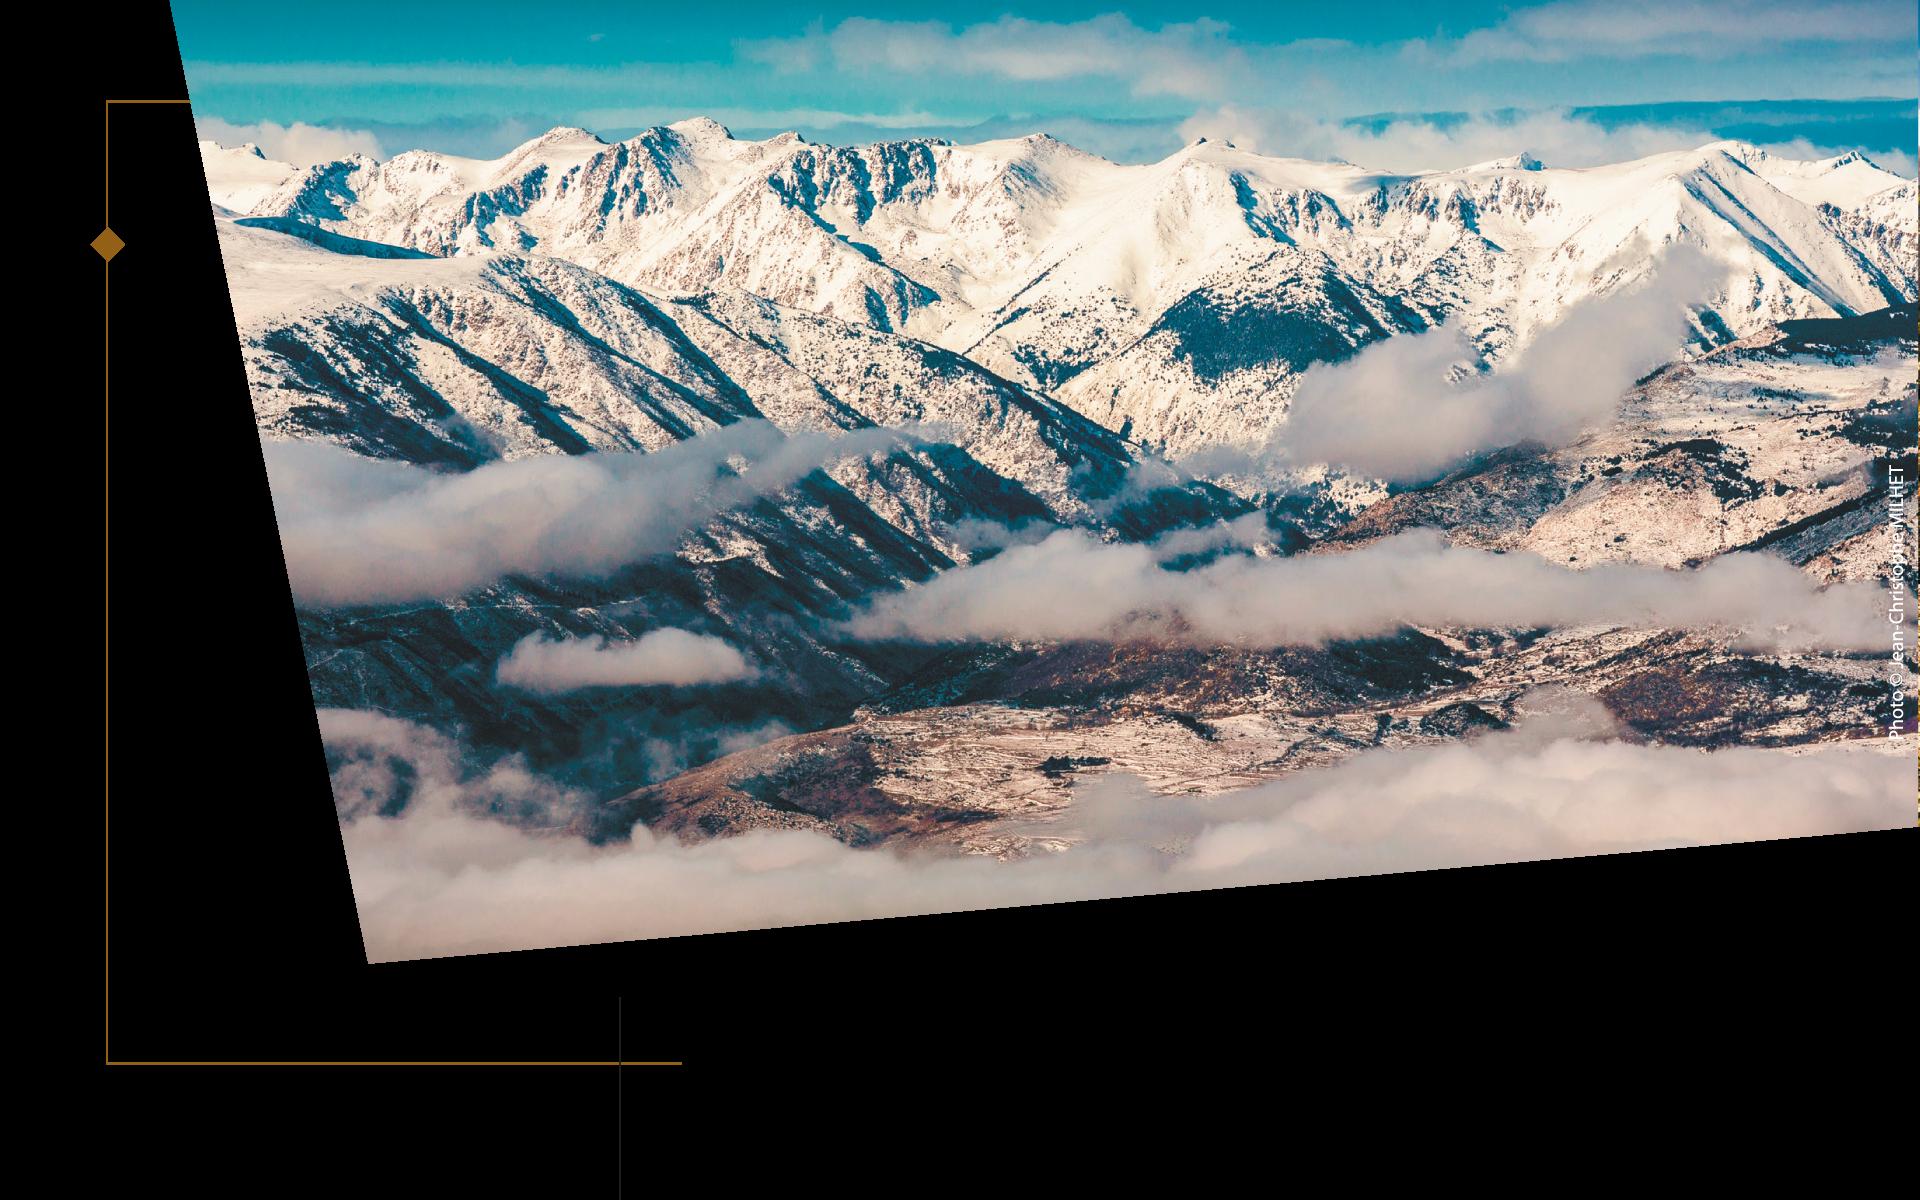 cerdagne montagne neige rando ski euro-sejours, tourisme, guide touristique, pyrénées-orientales, roussillon, perpignan, visite, vacances, sud de la france, catalogne, mer, méditerranée, montagne, voyages, loisirs, ski, promenades, hébergement, hotels, restaurants , côte, monument, à voir, randonnee